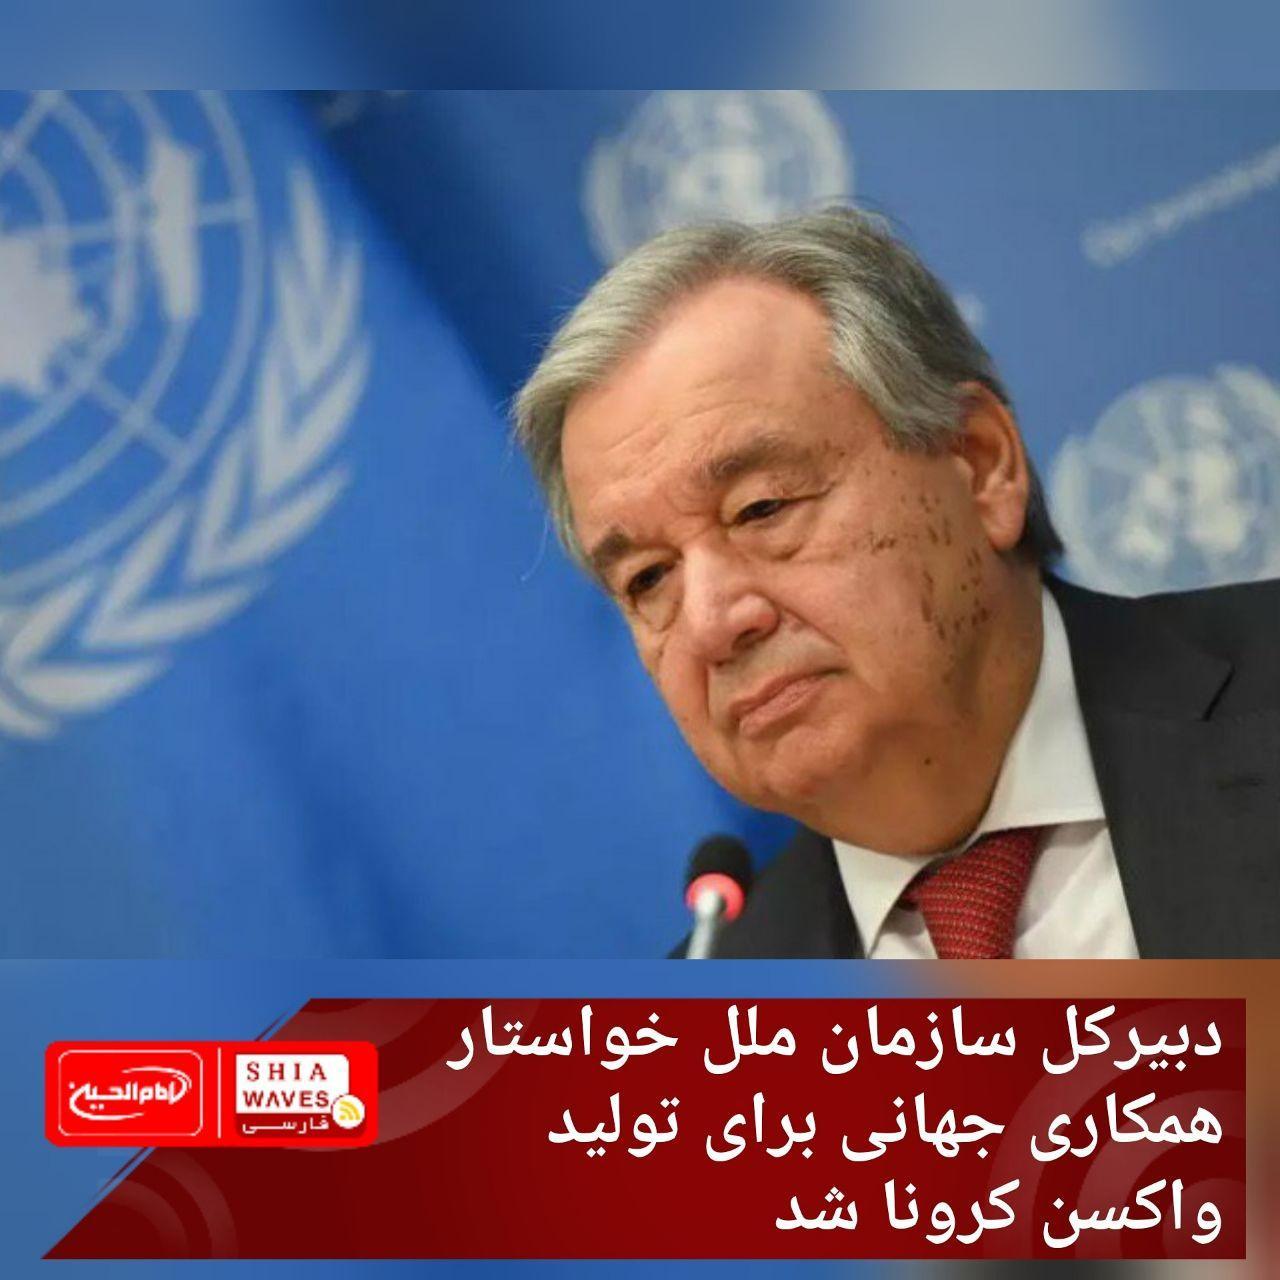 تصویر دبیرکل سازمان ملل خواستار همکاری جهانی برای تولید واکسن کرونا شد